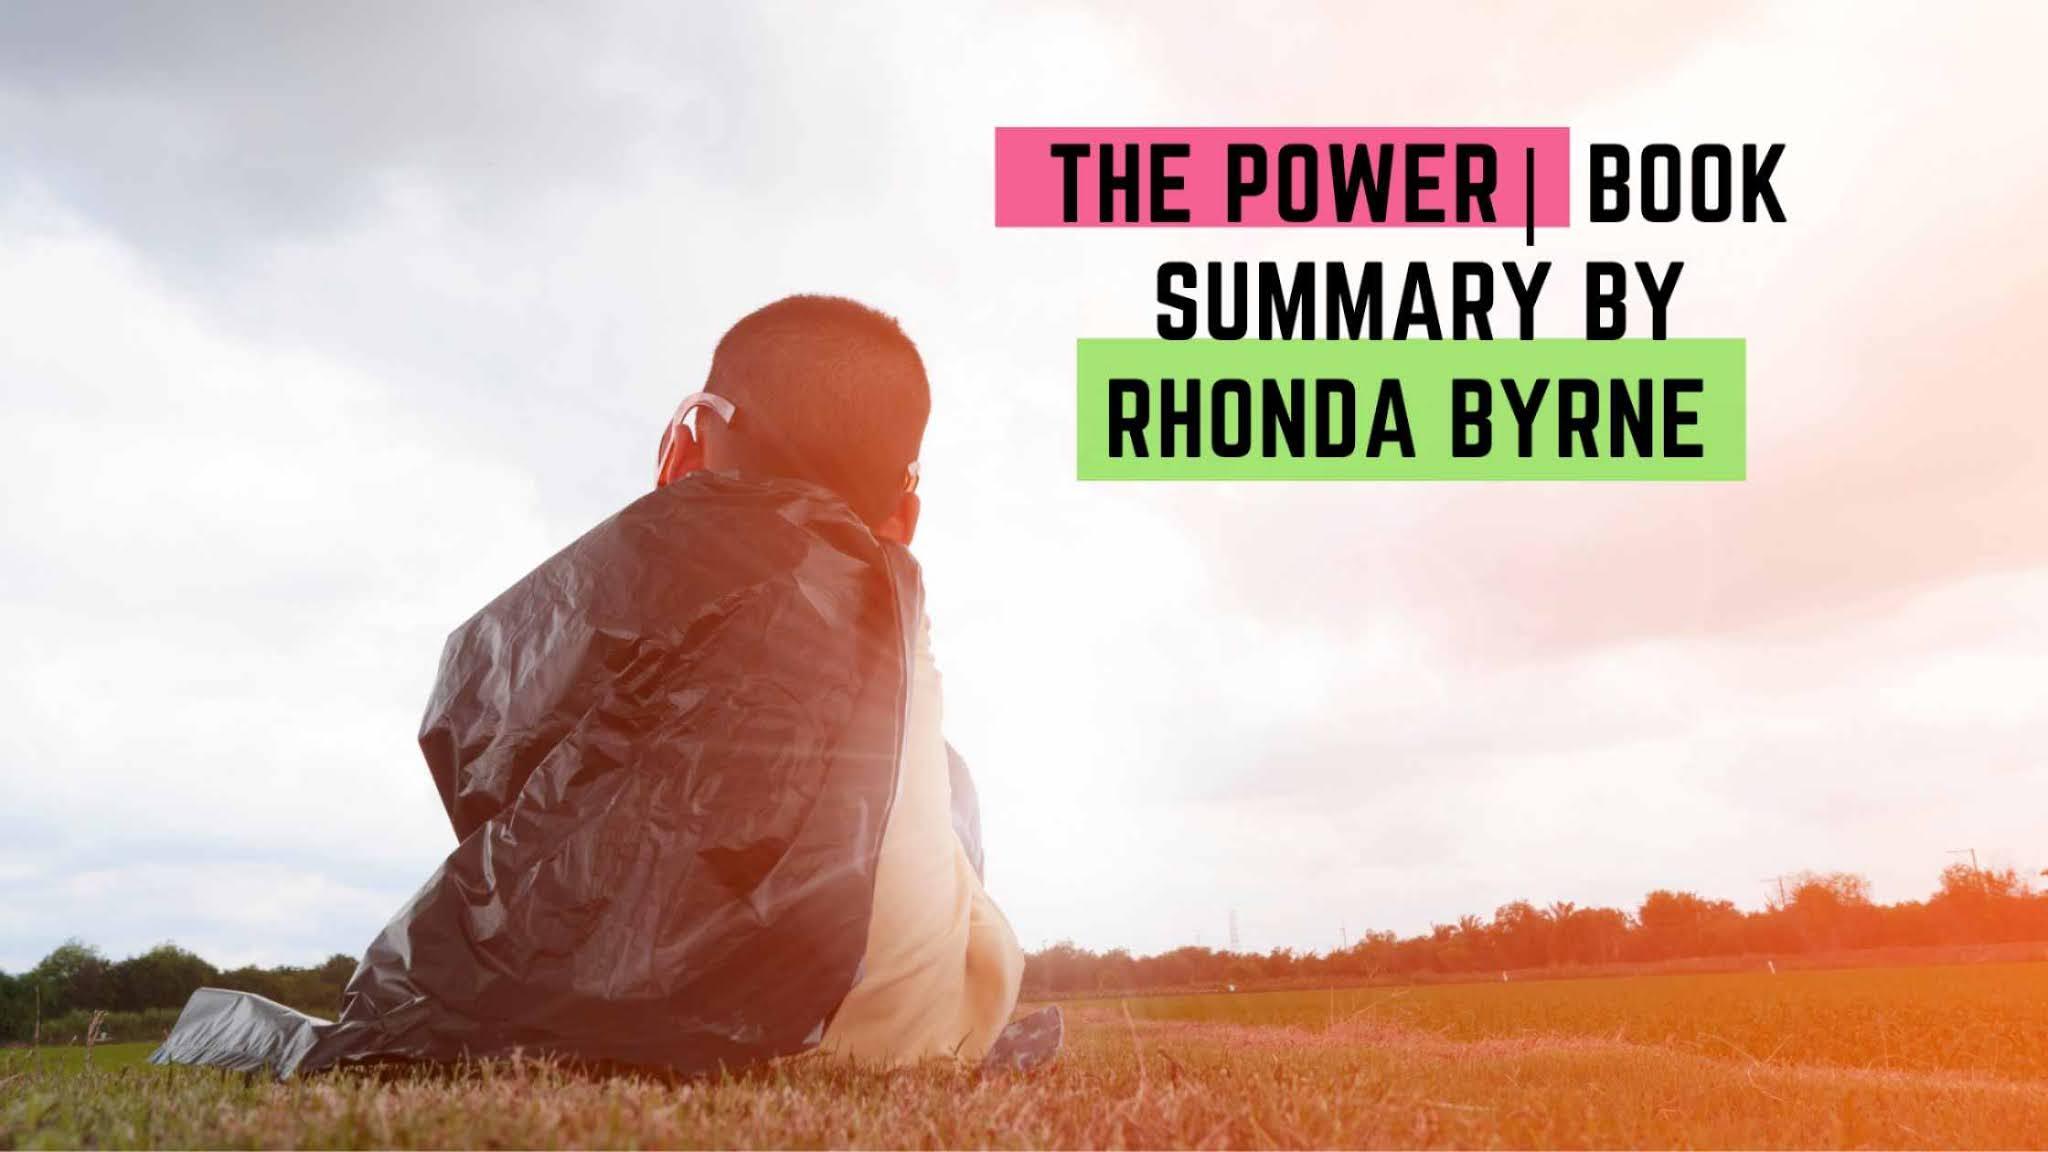 The Power| Book Summary By Rhonda Byrne